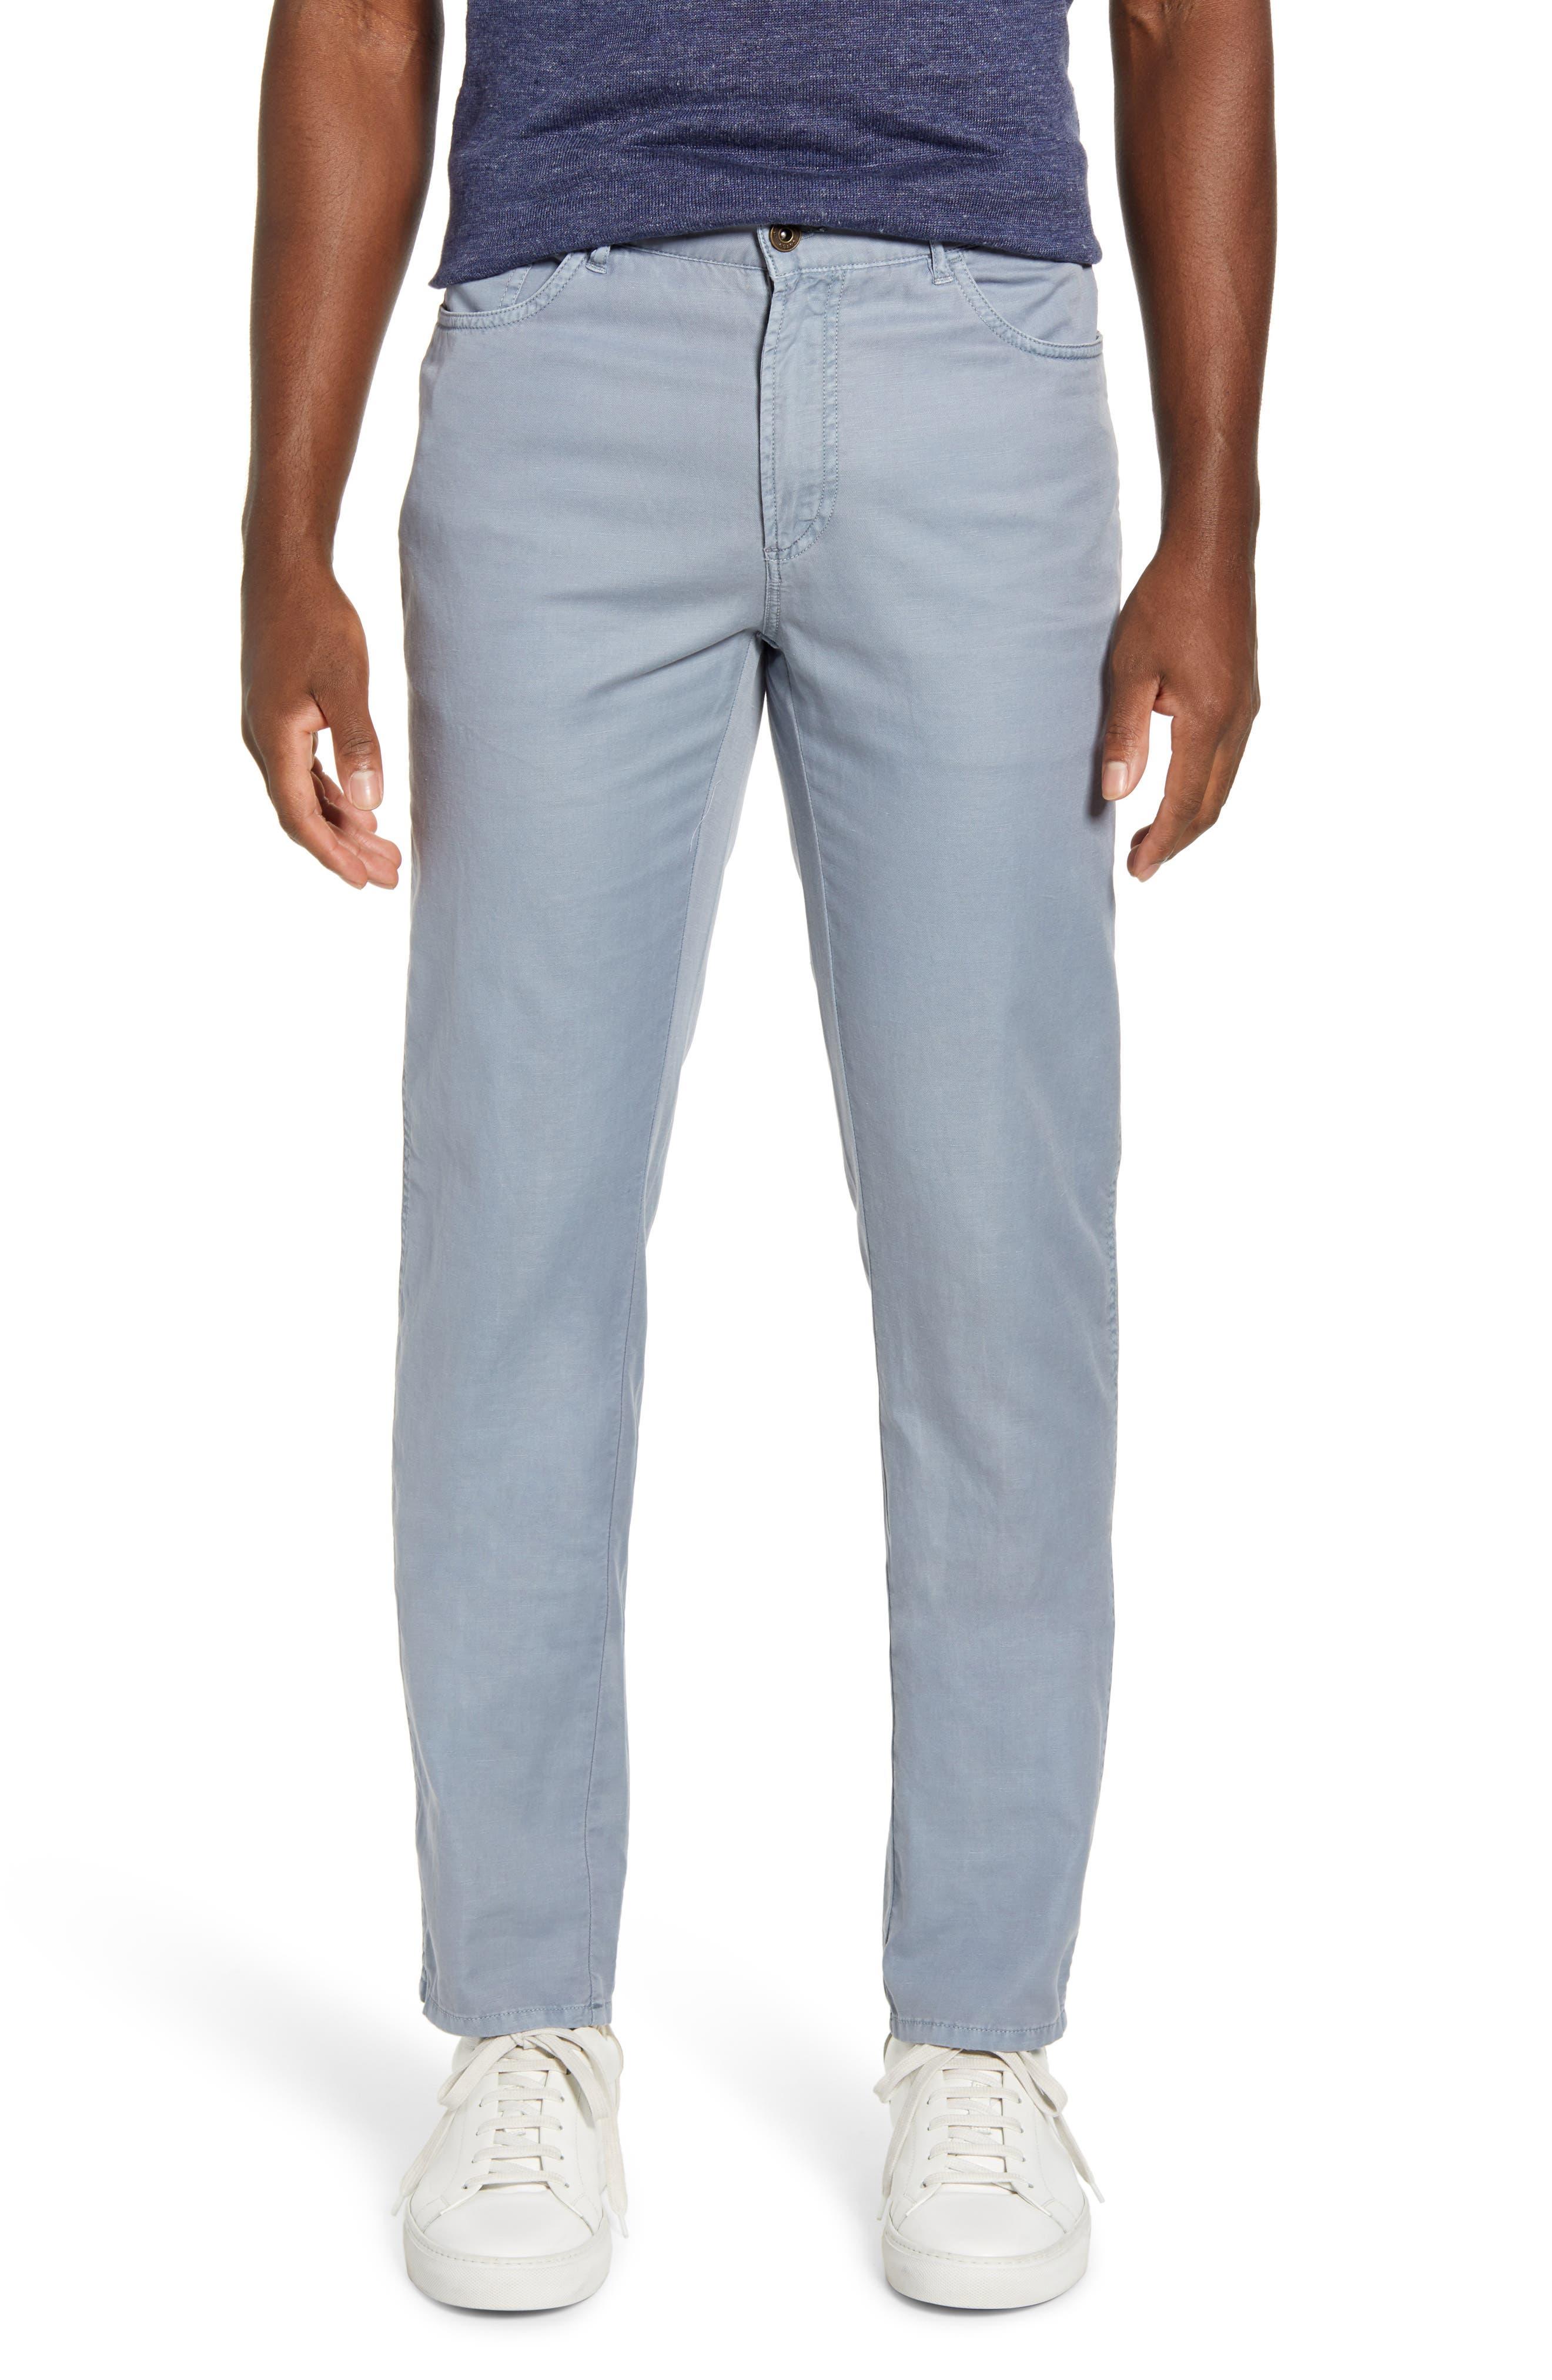 Del Mar Cotton Twill Pants